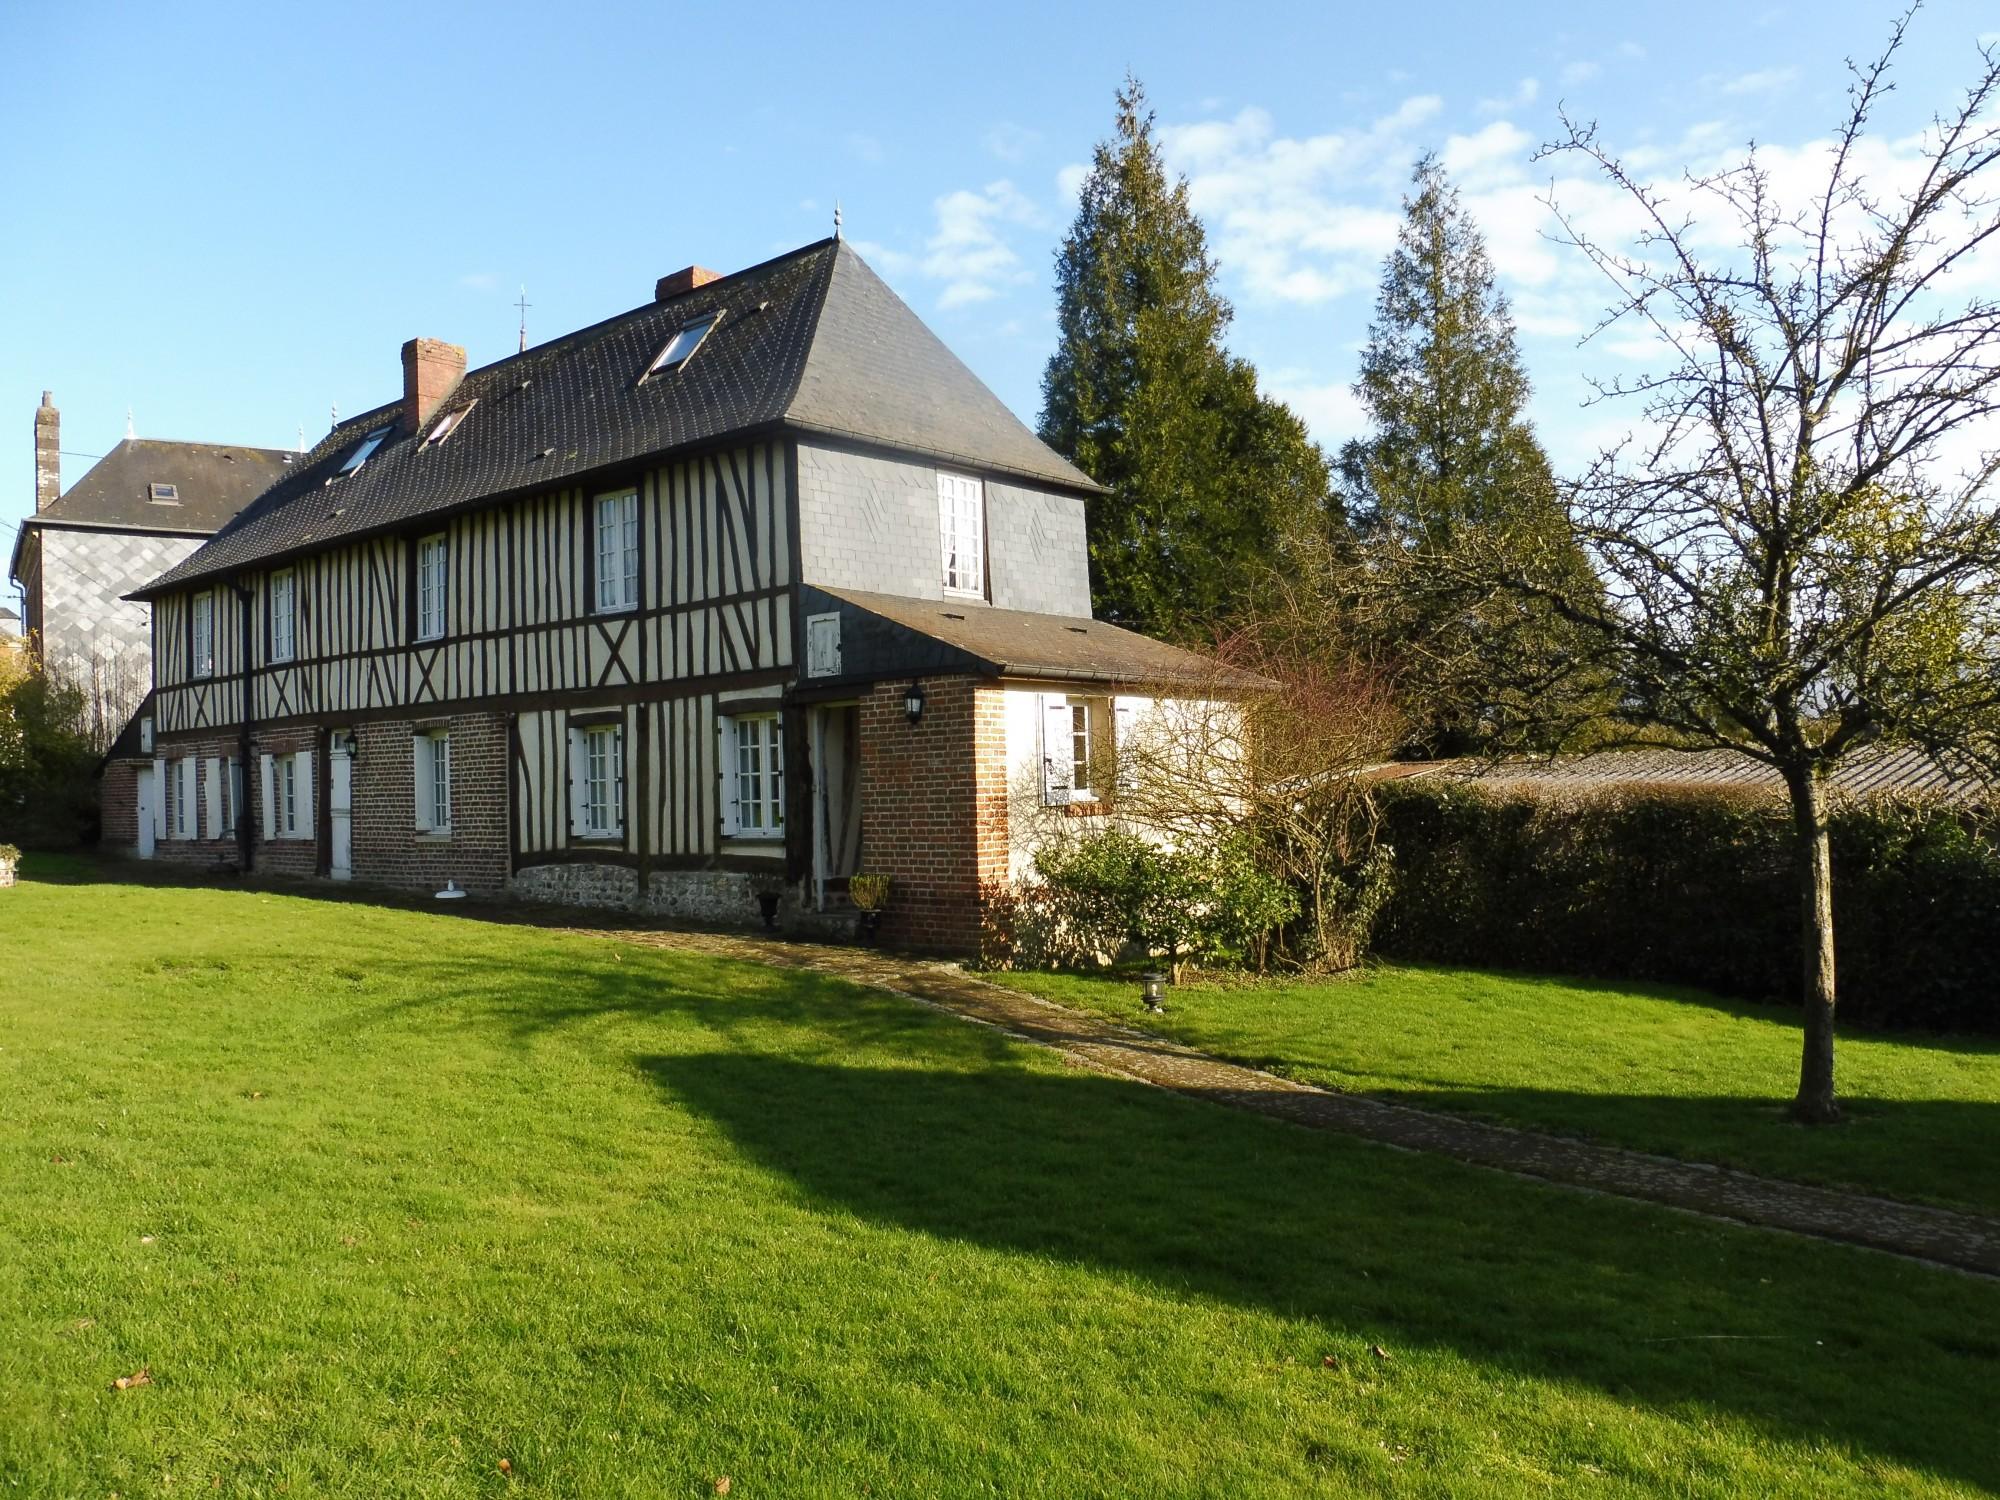 vente maison bourgeoise 76570 limesy terres et demeures de normandie. Black Bedroom Furniture Sets. Home Design Ideas